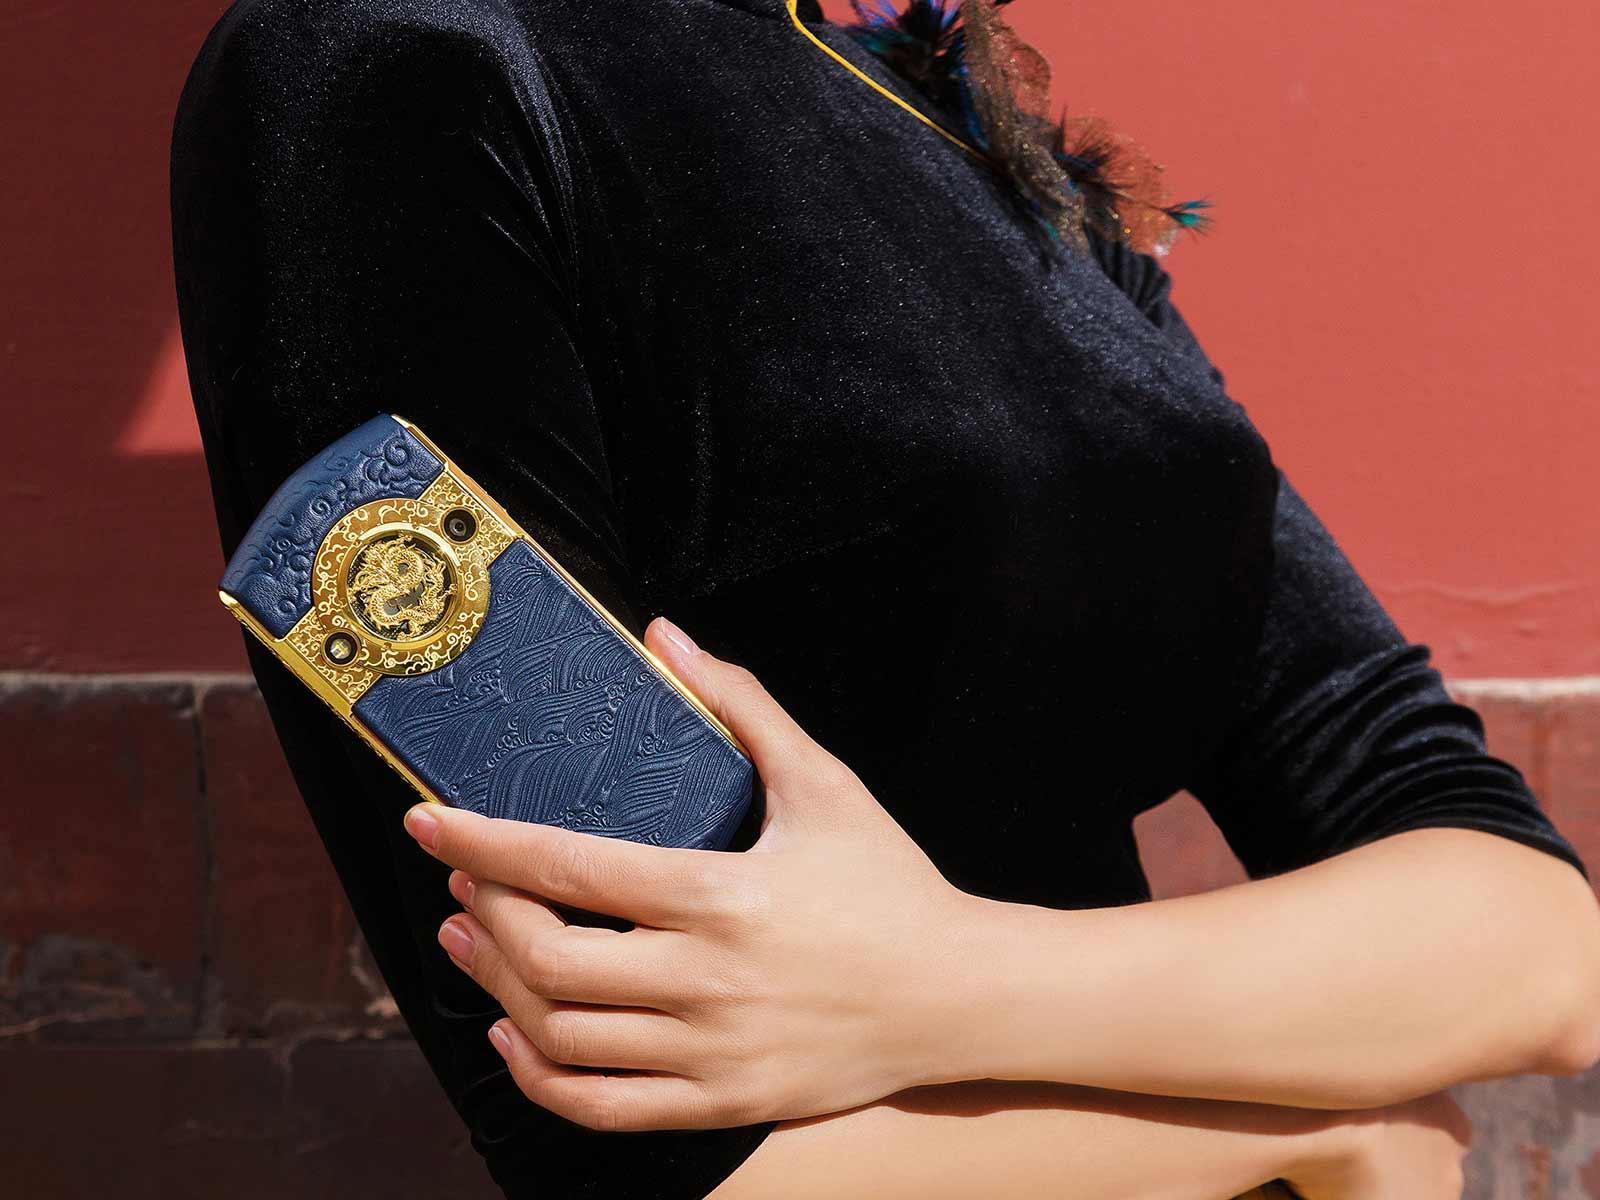 8848携手故宫打造朕的手机图片